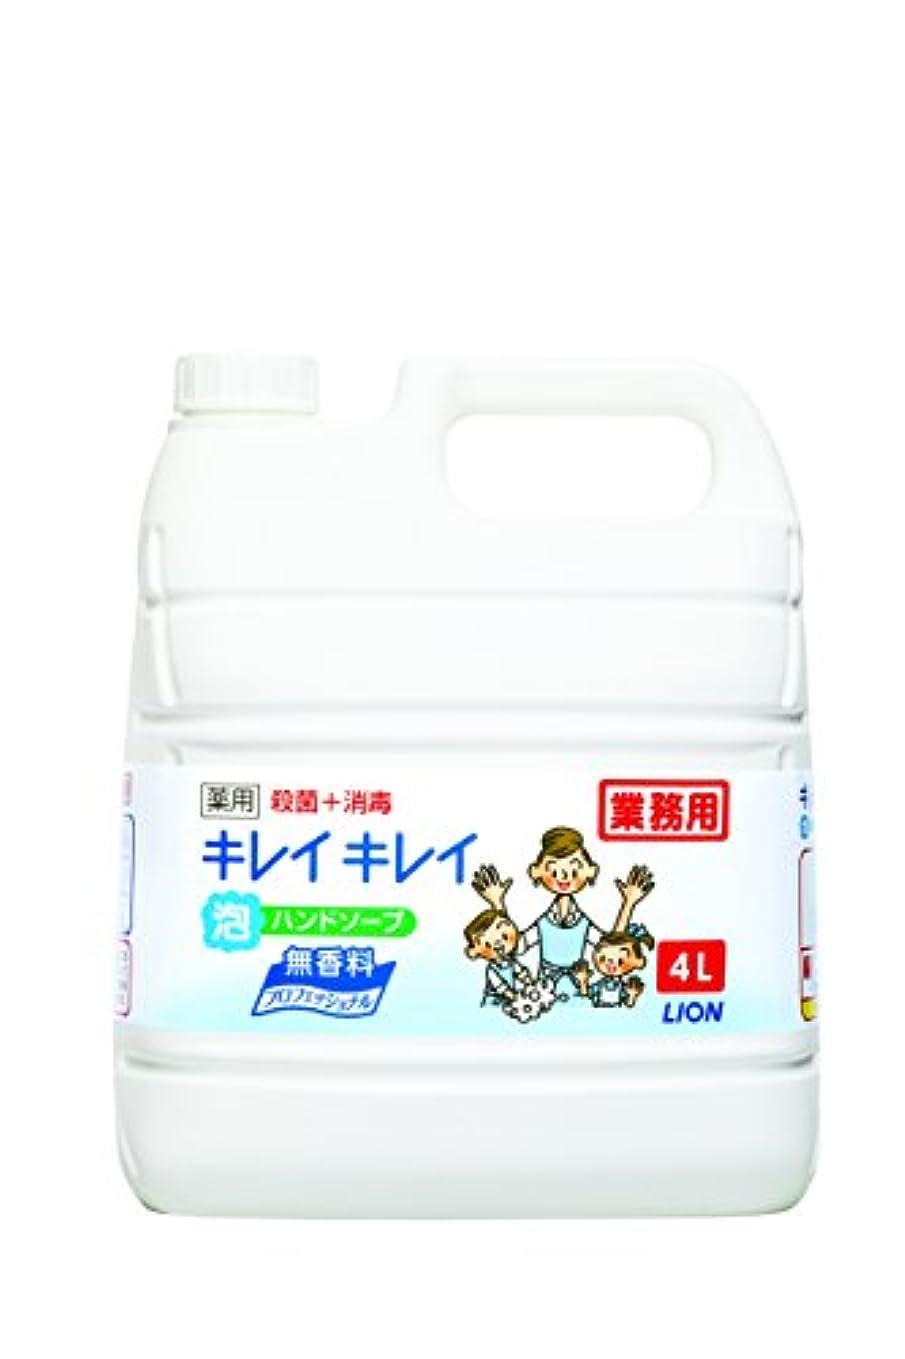 警告土曜日デッドロック【大容量】キレイキレイ 薬用泡ハンドソープ プロ無香料4L